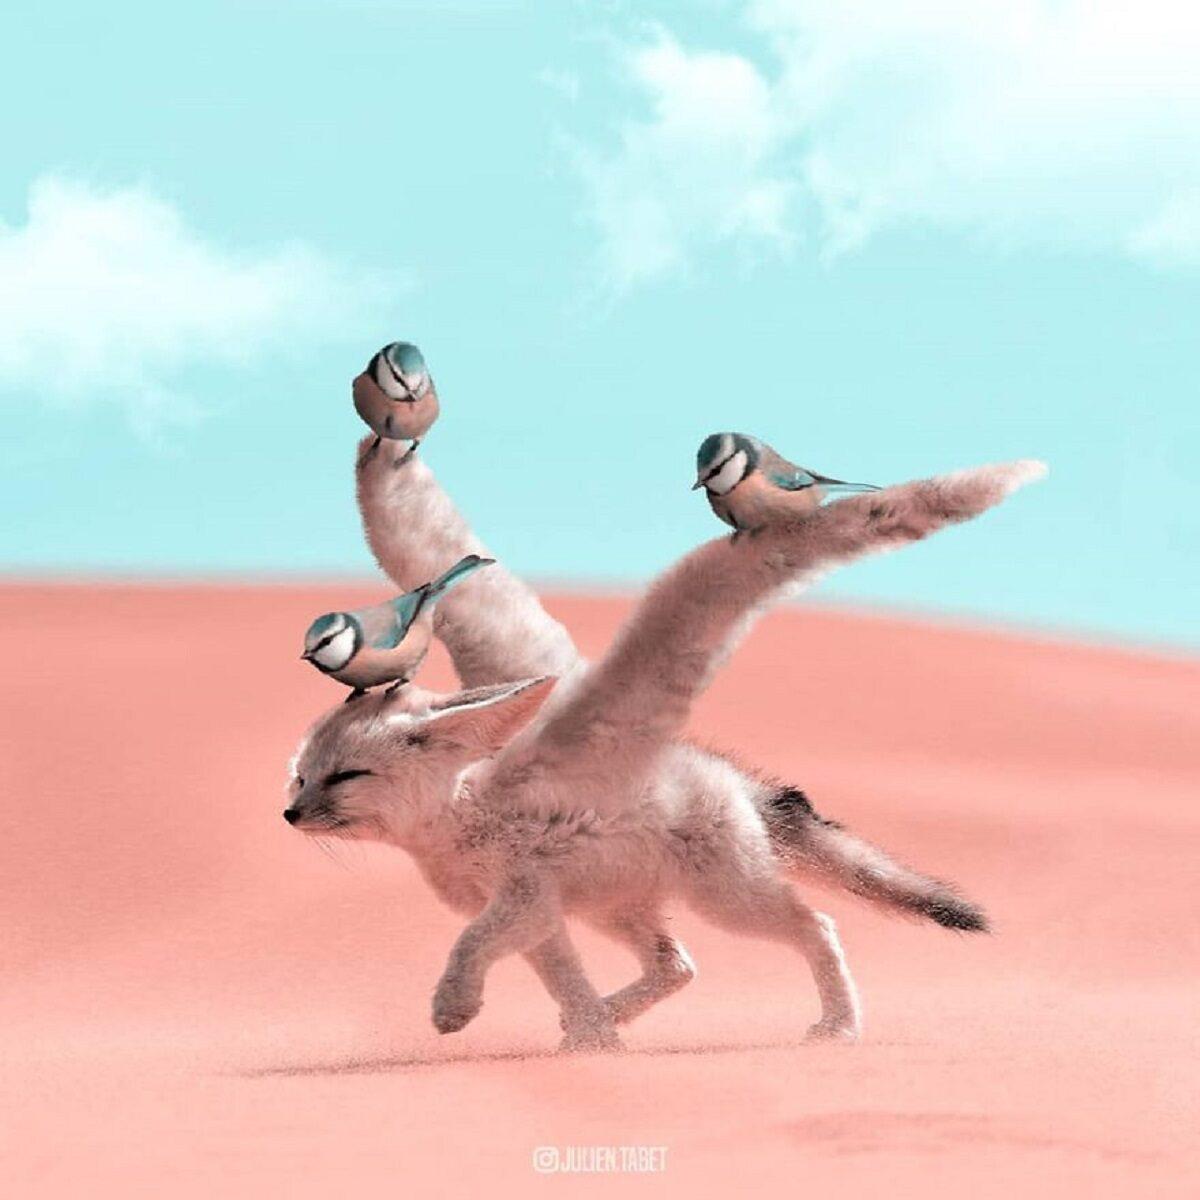 Julien Tabet artista mostra o que os animais fazem quando nao estamos olhando 14